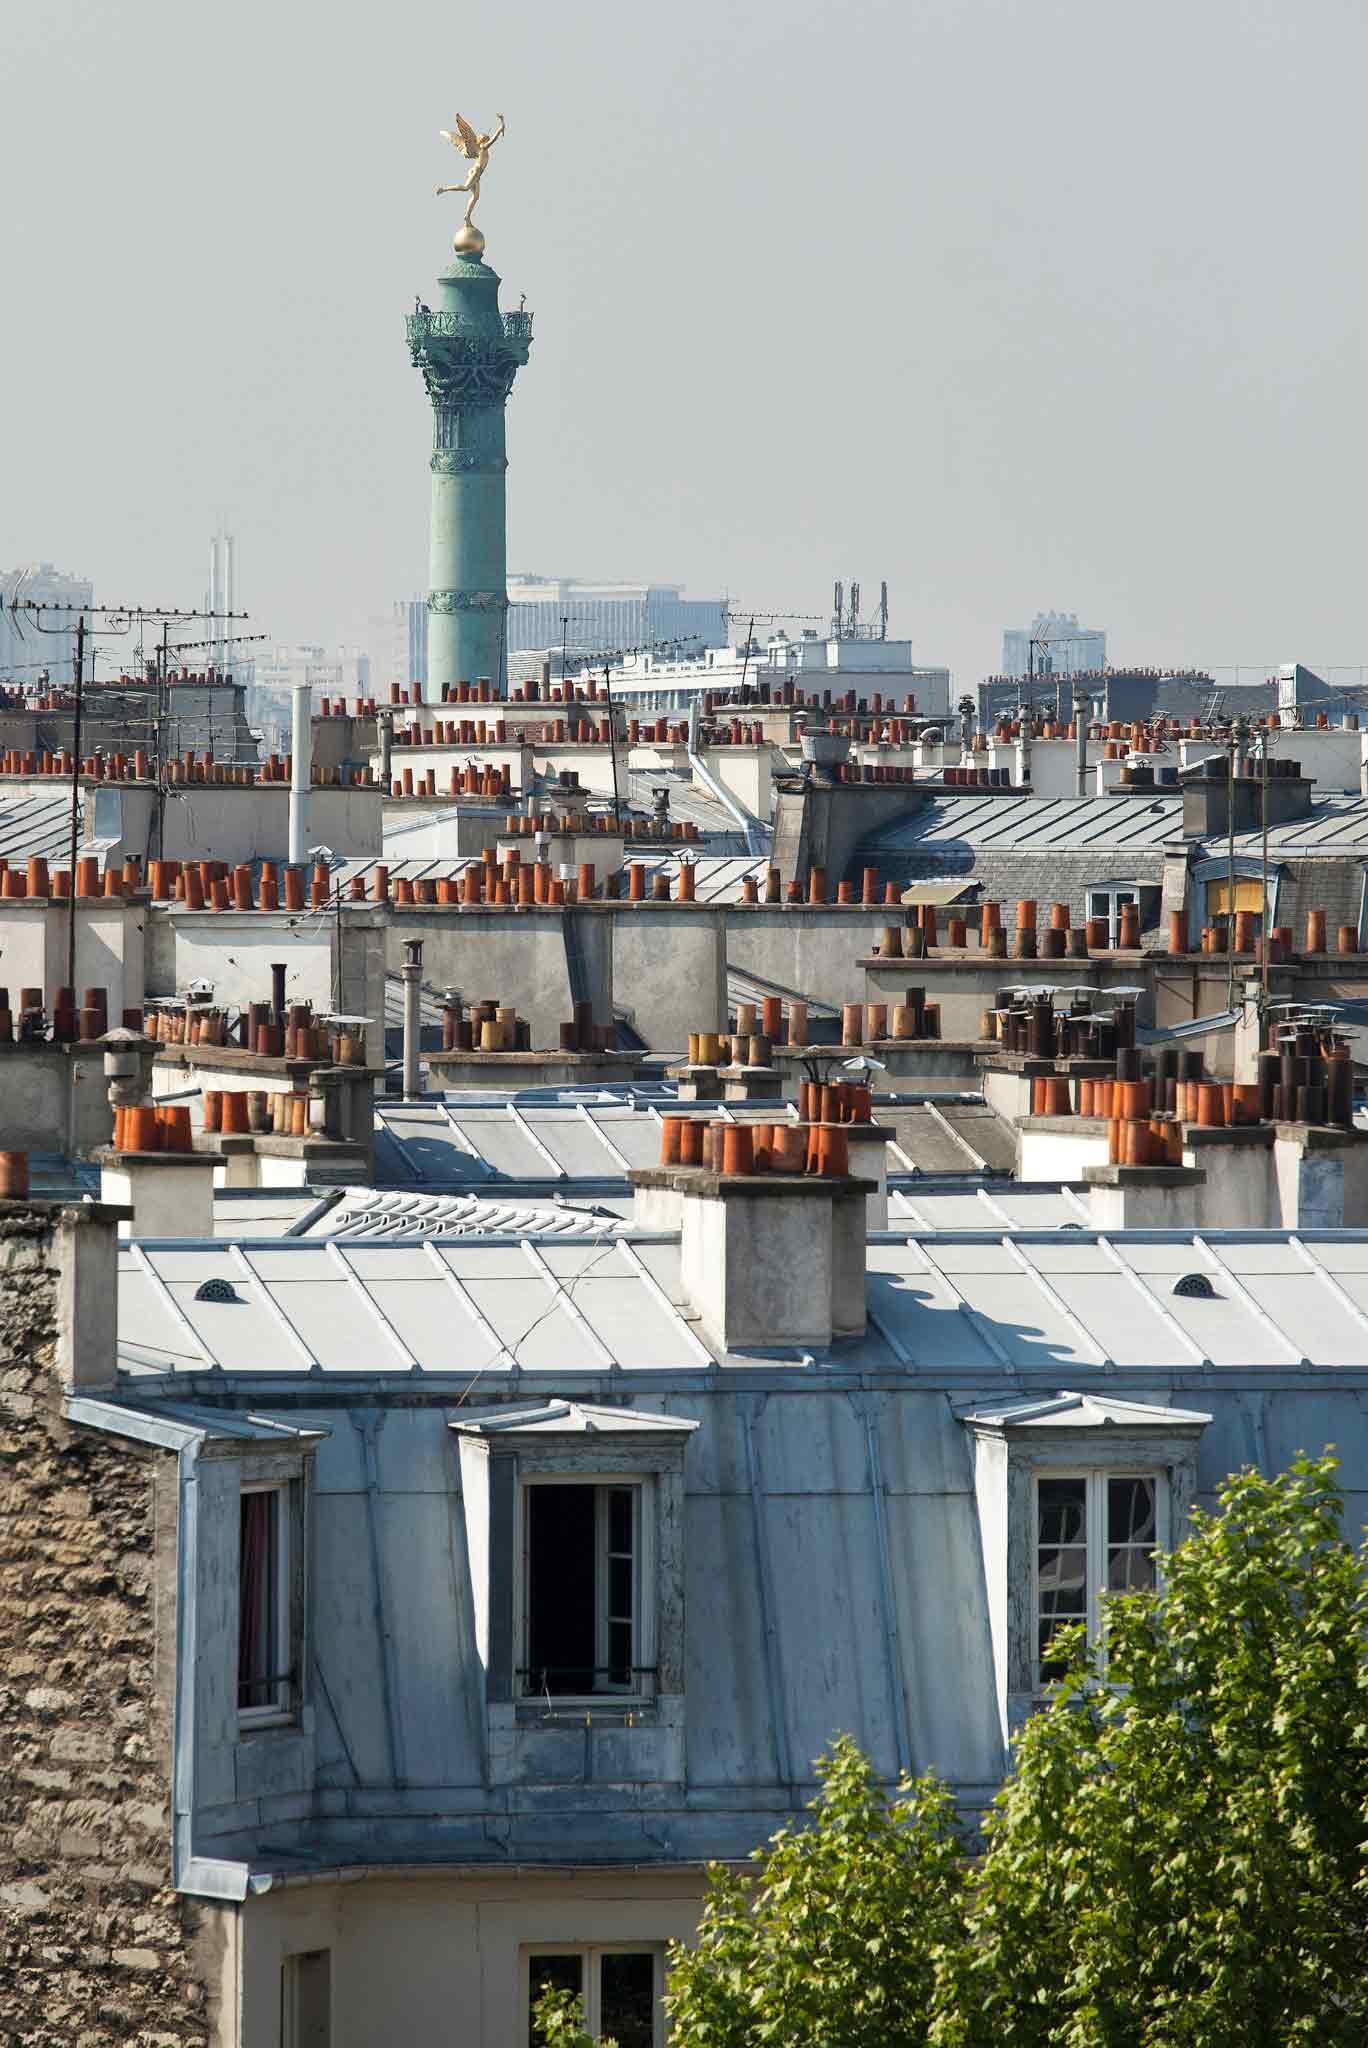 Ibis paris bastille opera 11 me h tel 15 rue breguet for Hotel paris 11eme